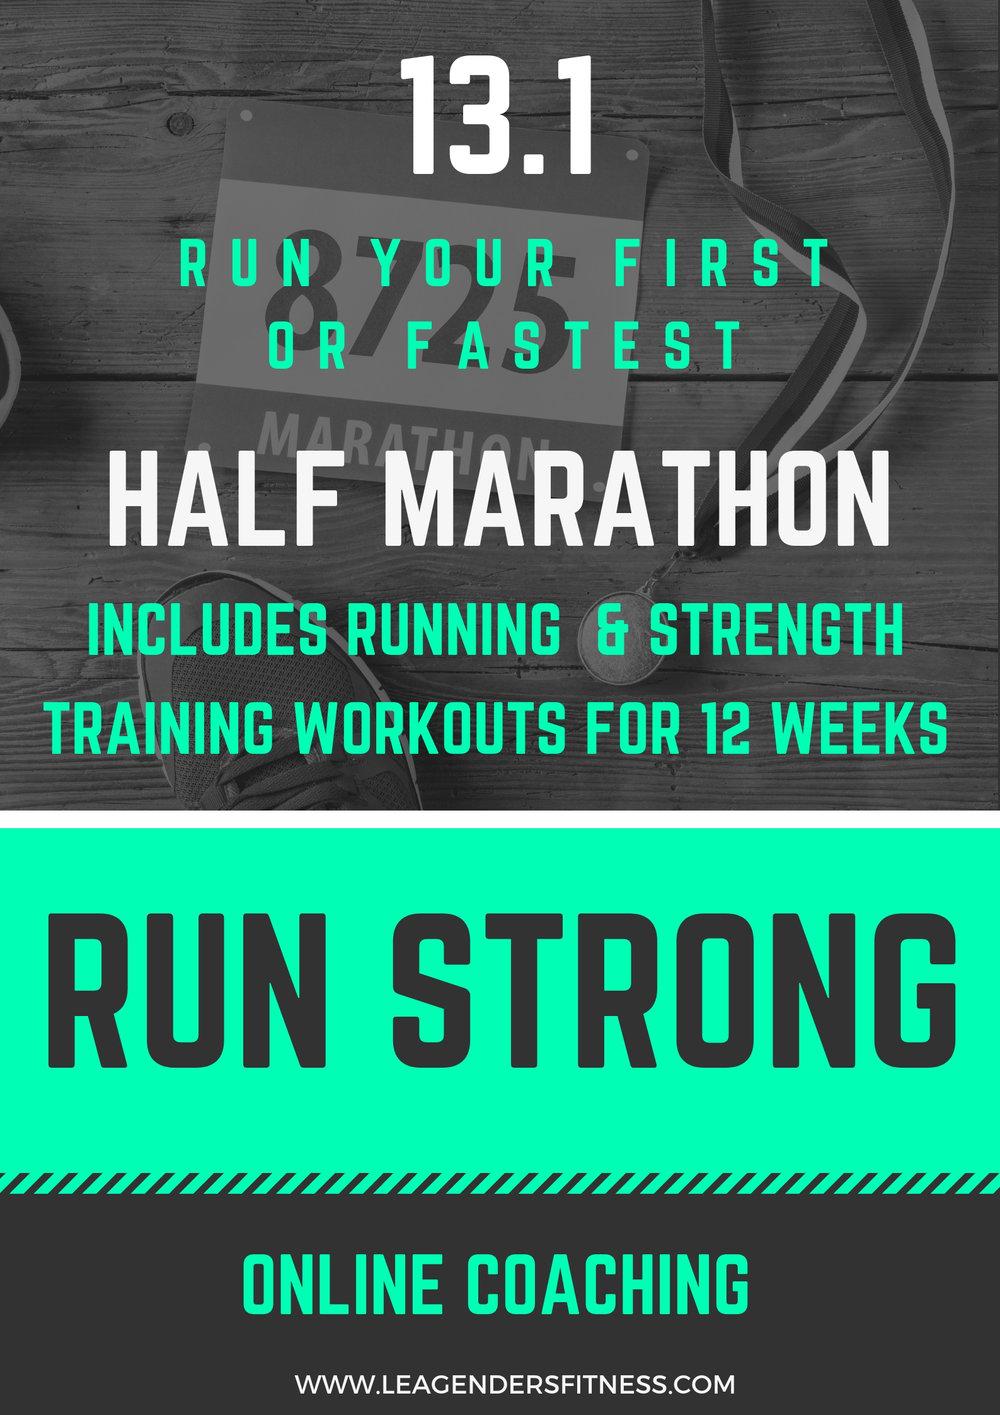 run your first or fastest half marathon.jpg